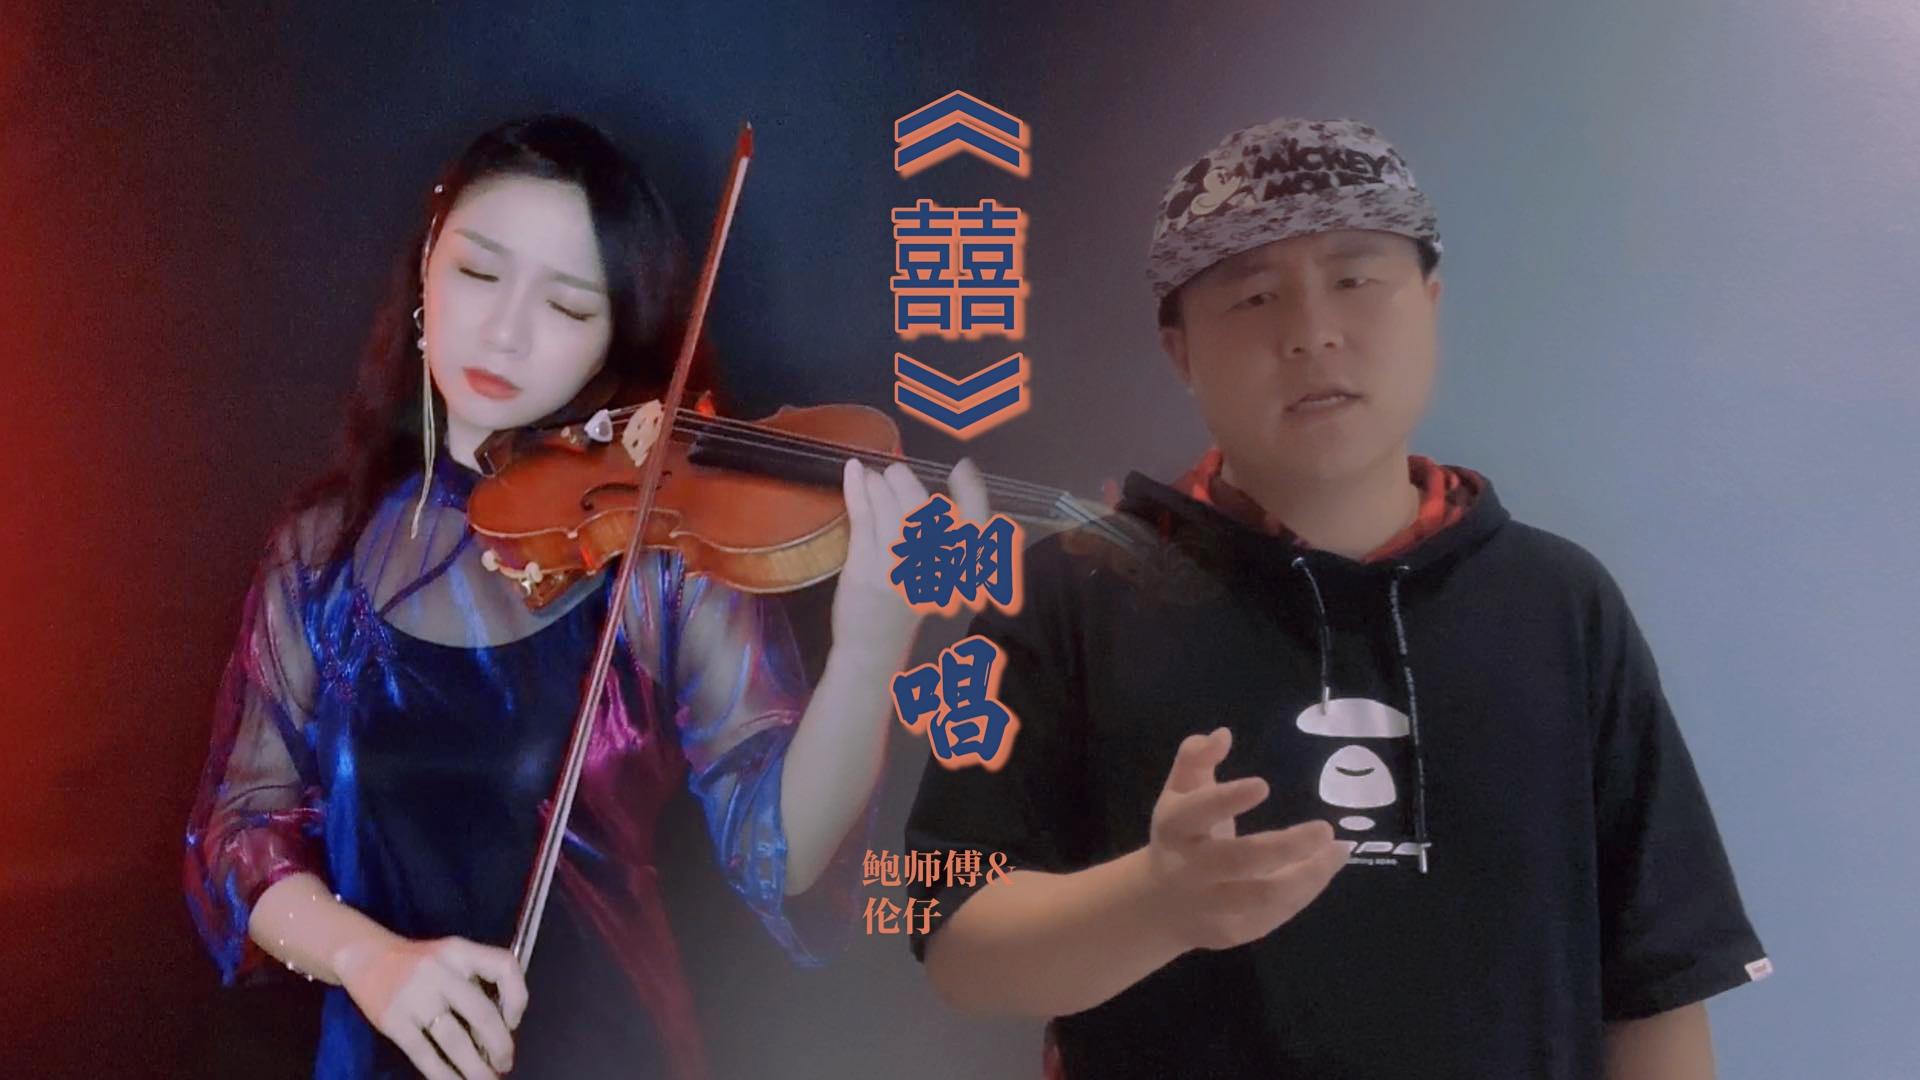 梦幻联动!【伦仔x鲍师傅】小提琴+二胡的炸裂碰撞!古风戏腔RAP你想要的都有了